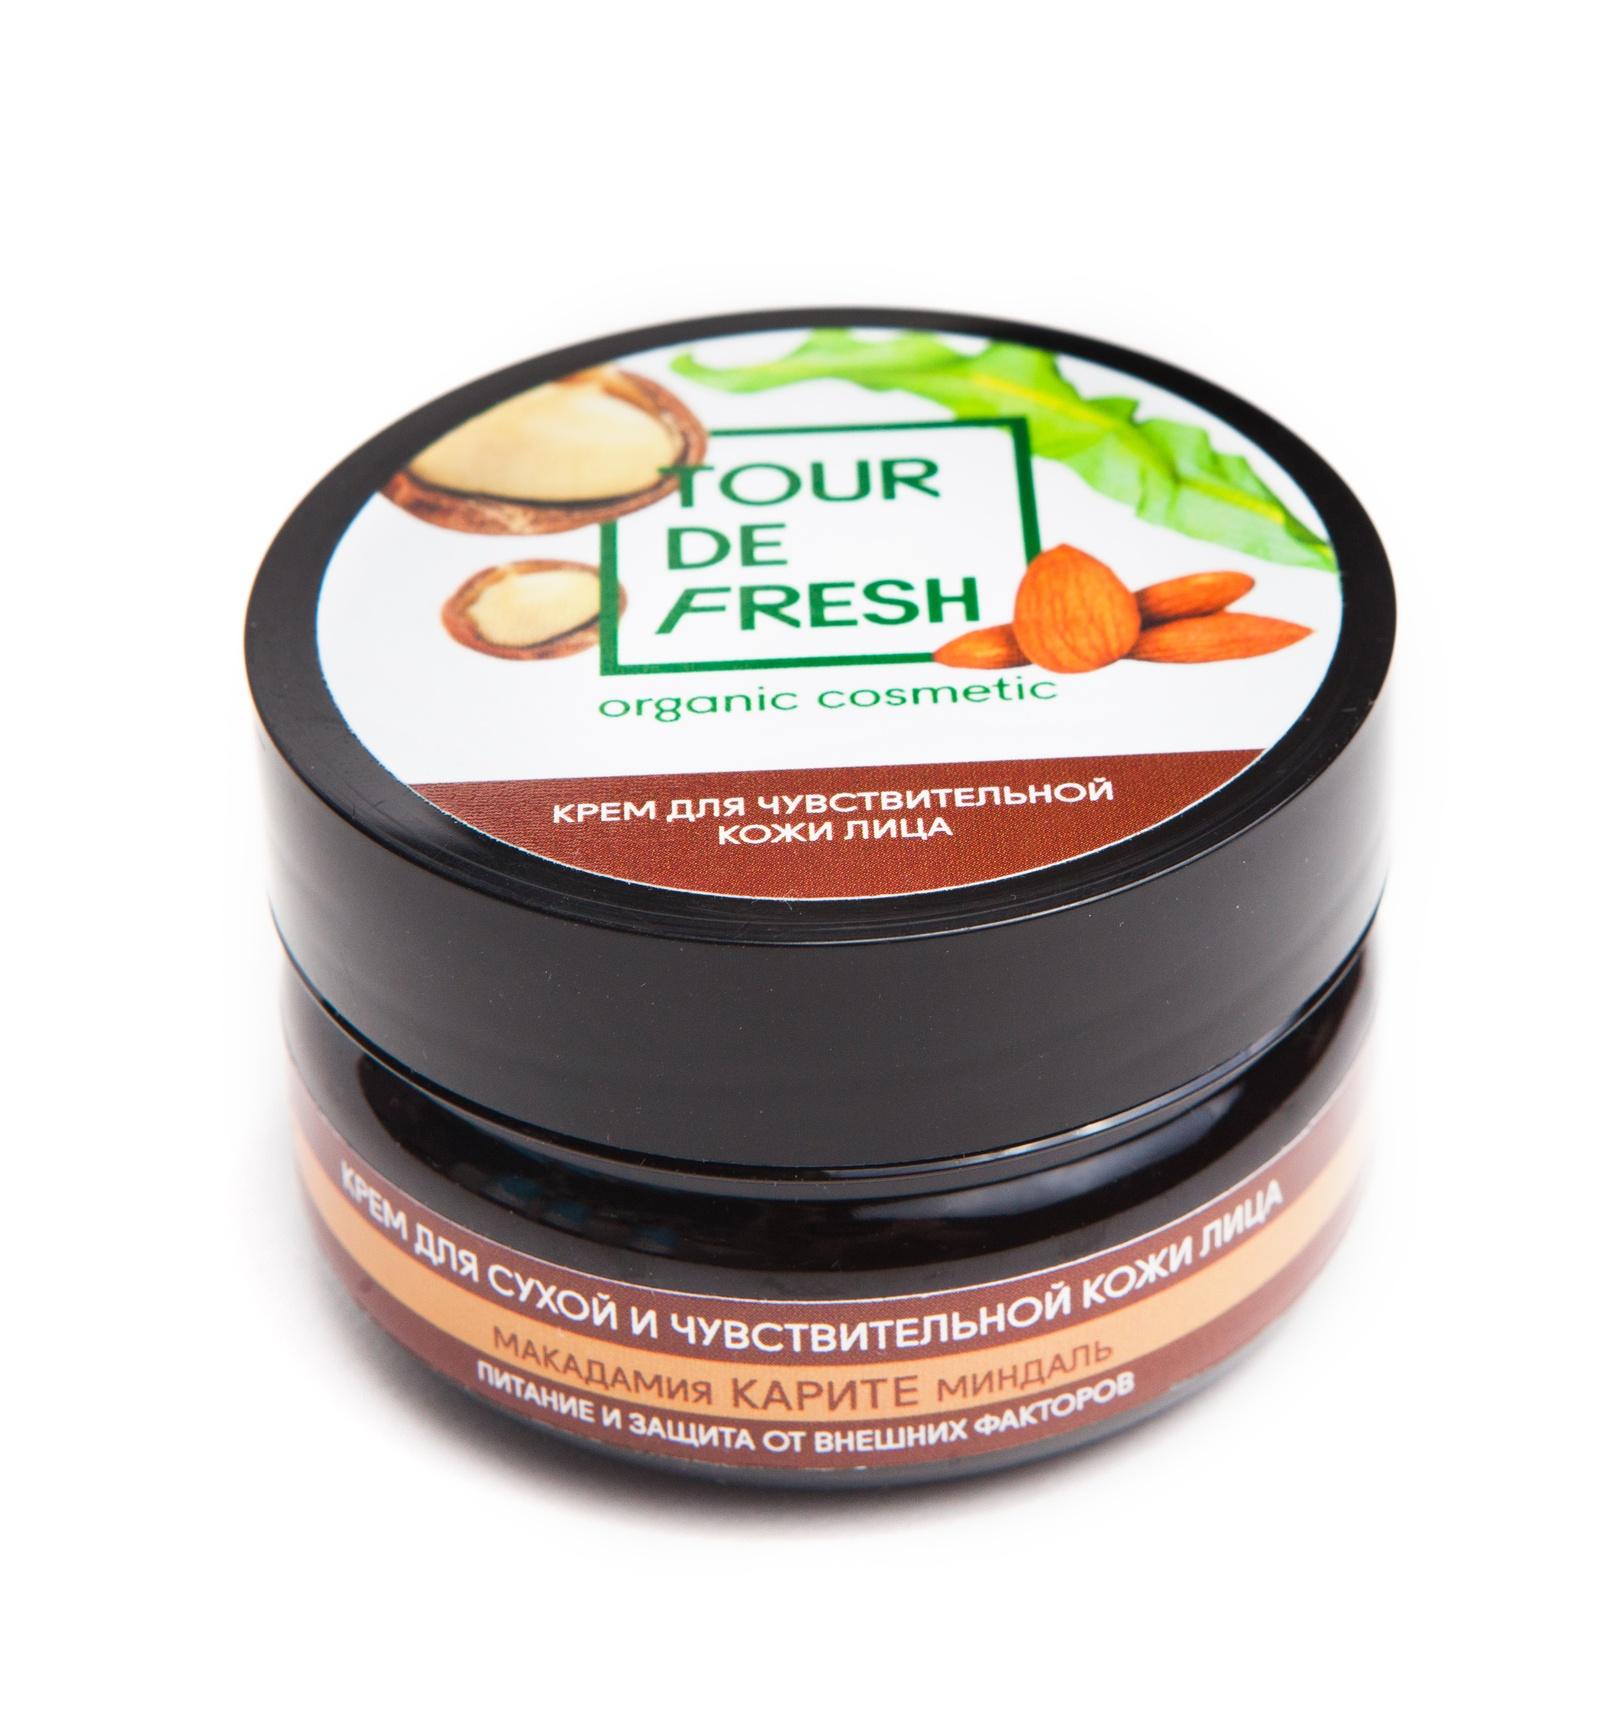 Крем для сухой и чувствительной кожи лица Макадамия-каритэ-миндаль Tour De Fresh